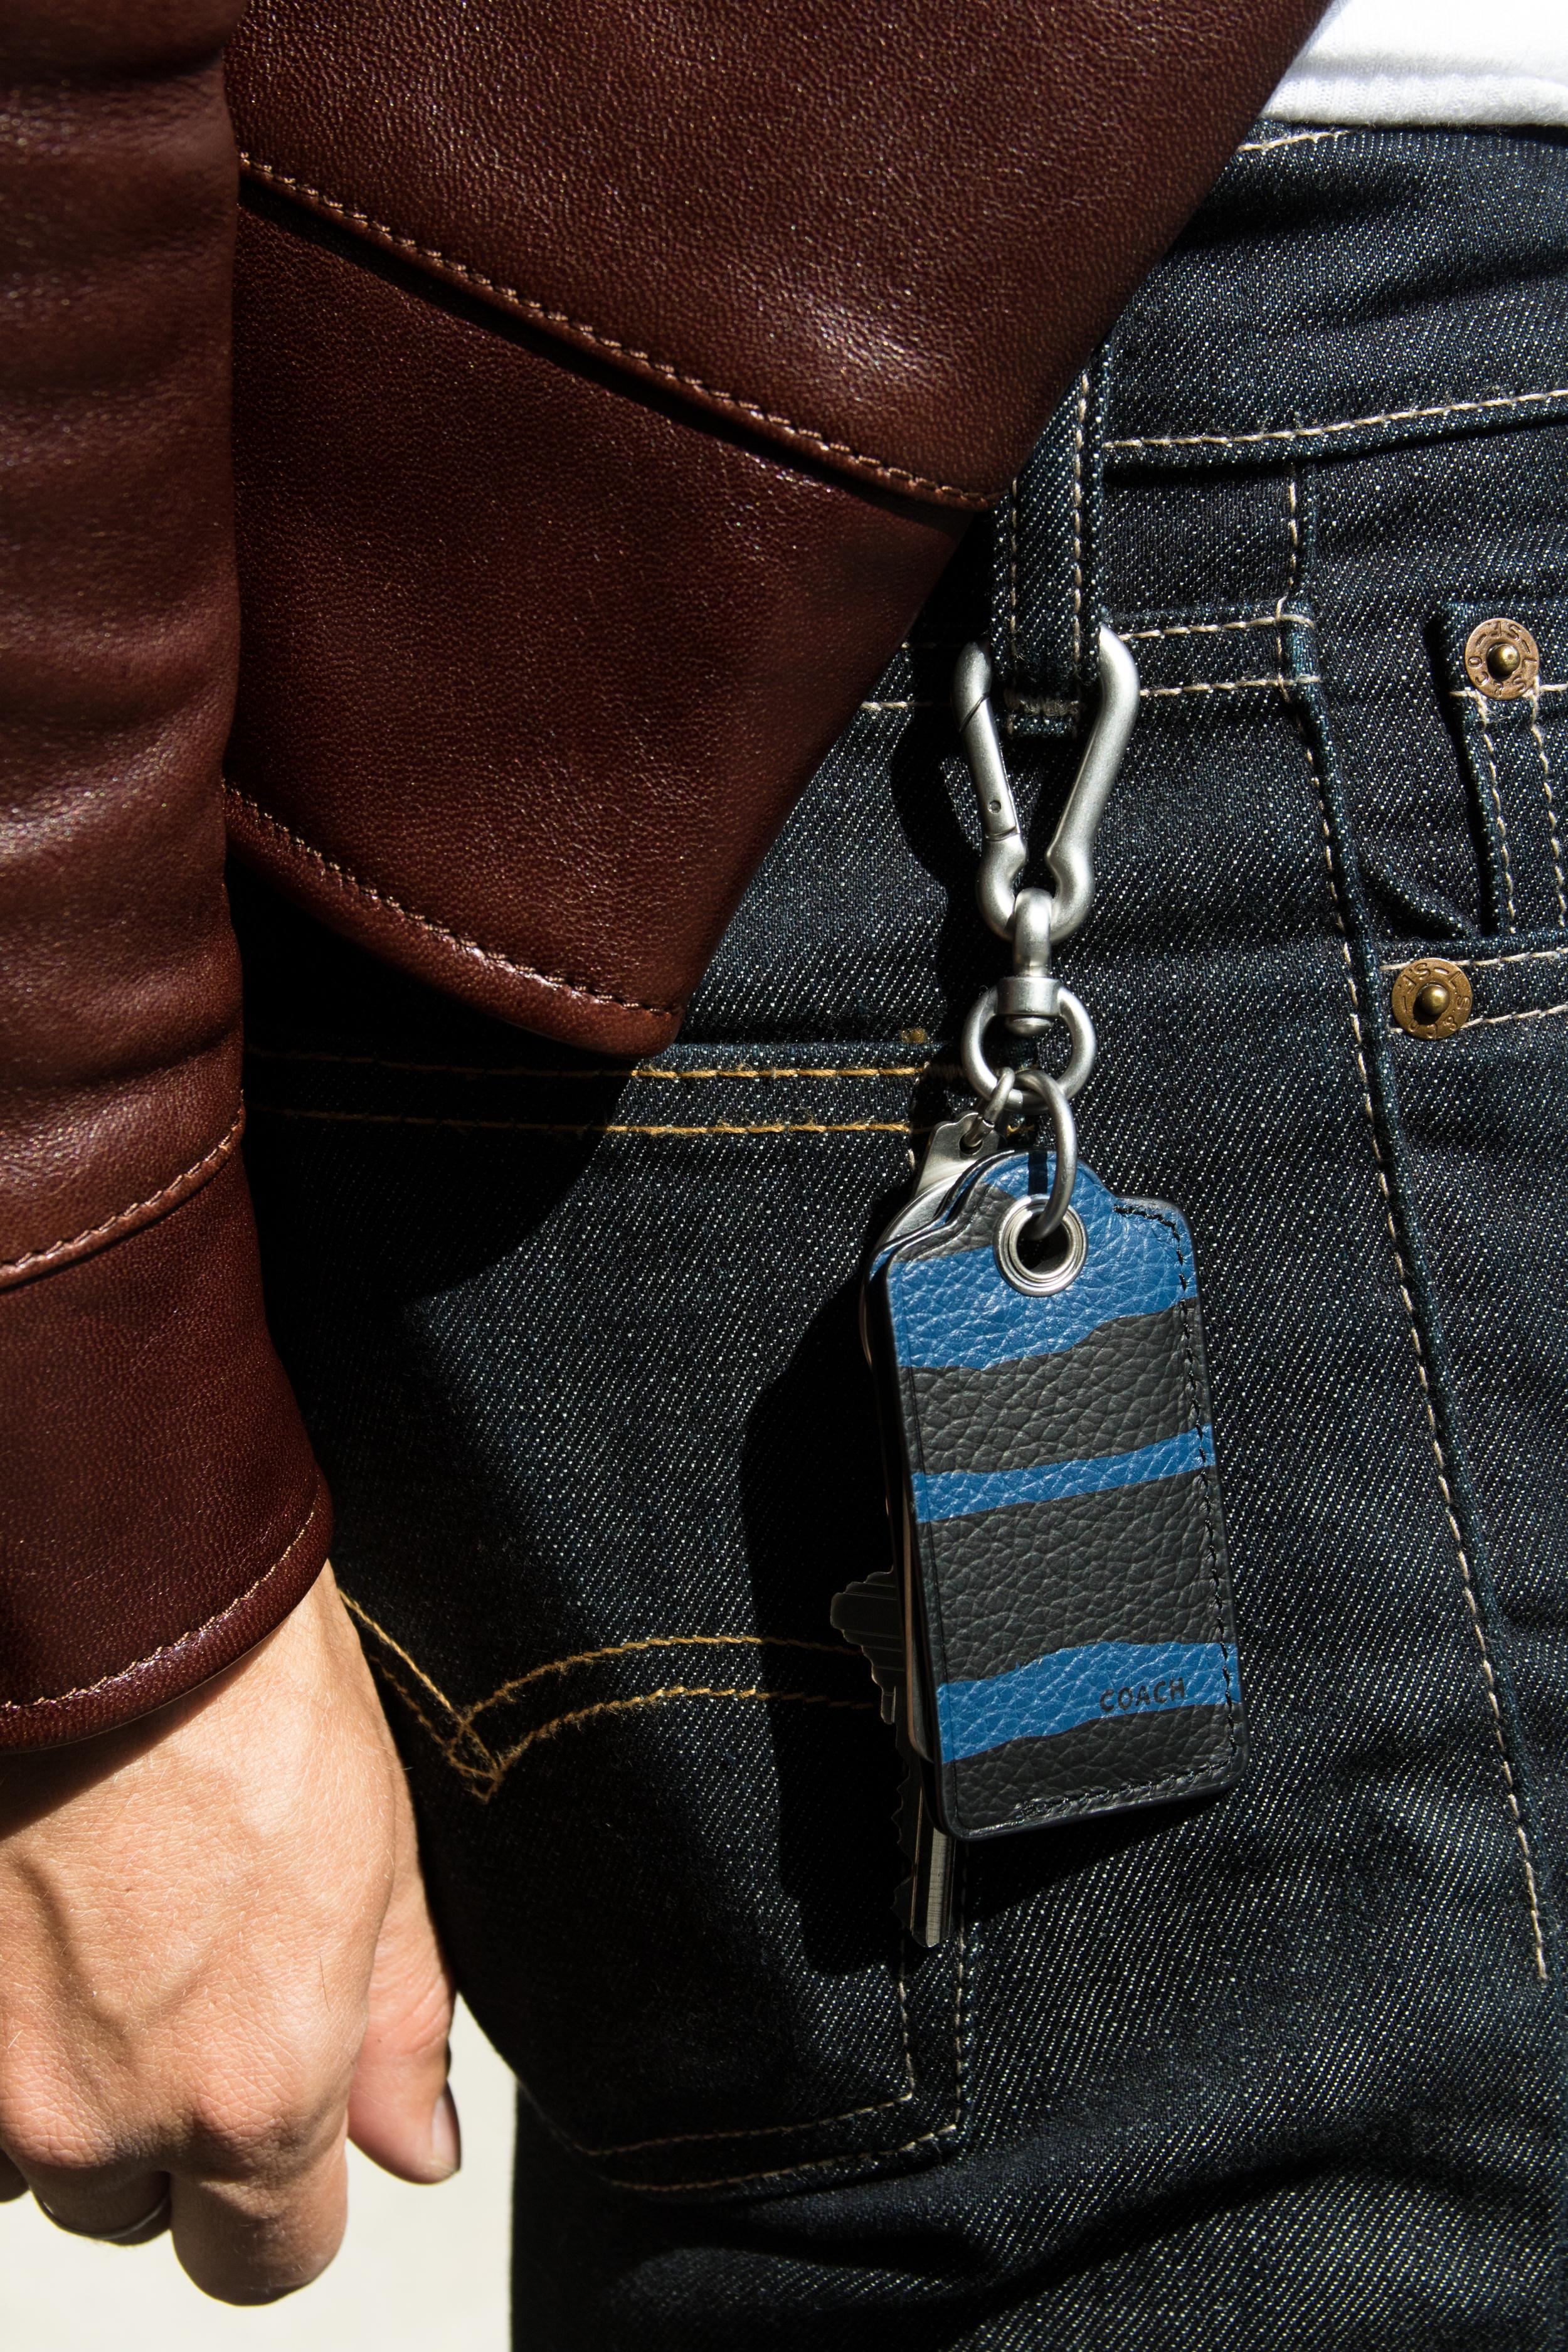 Leather Roadster Jacket     Bottle Opener Bag Charm